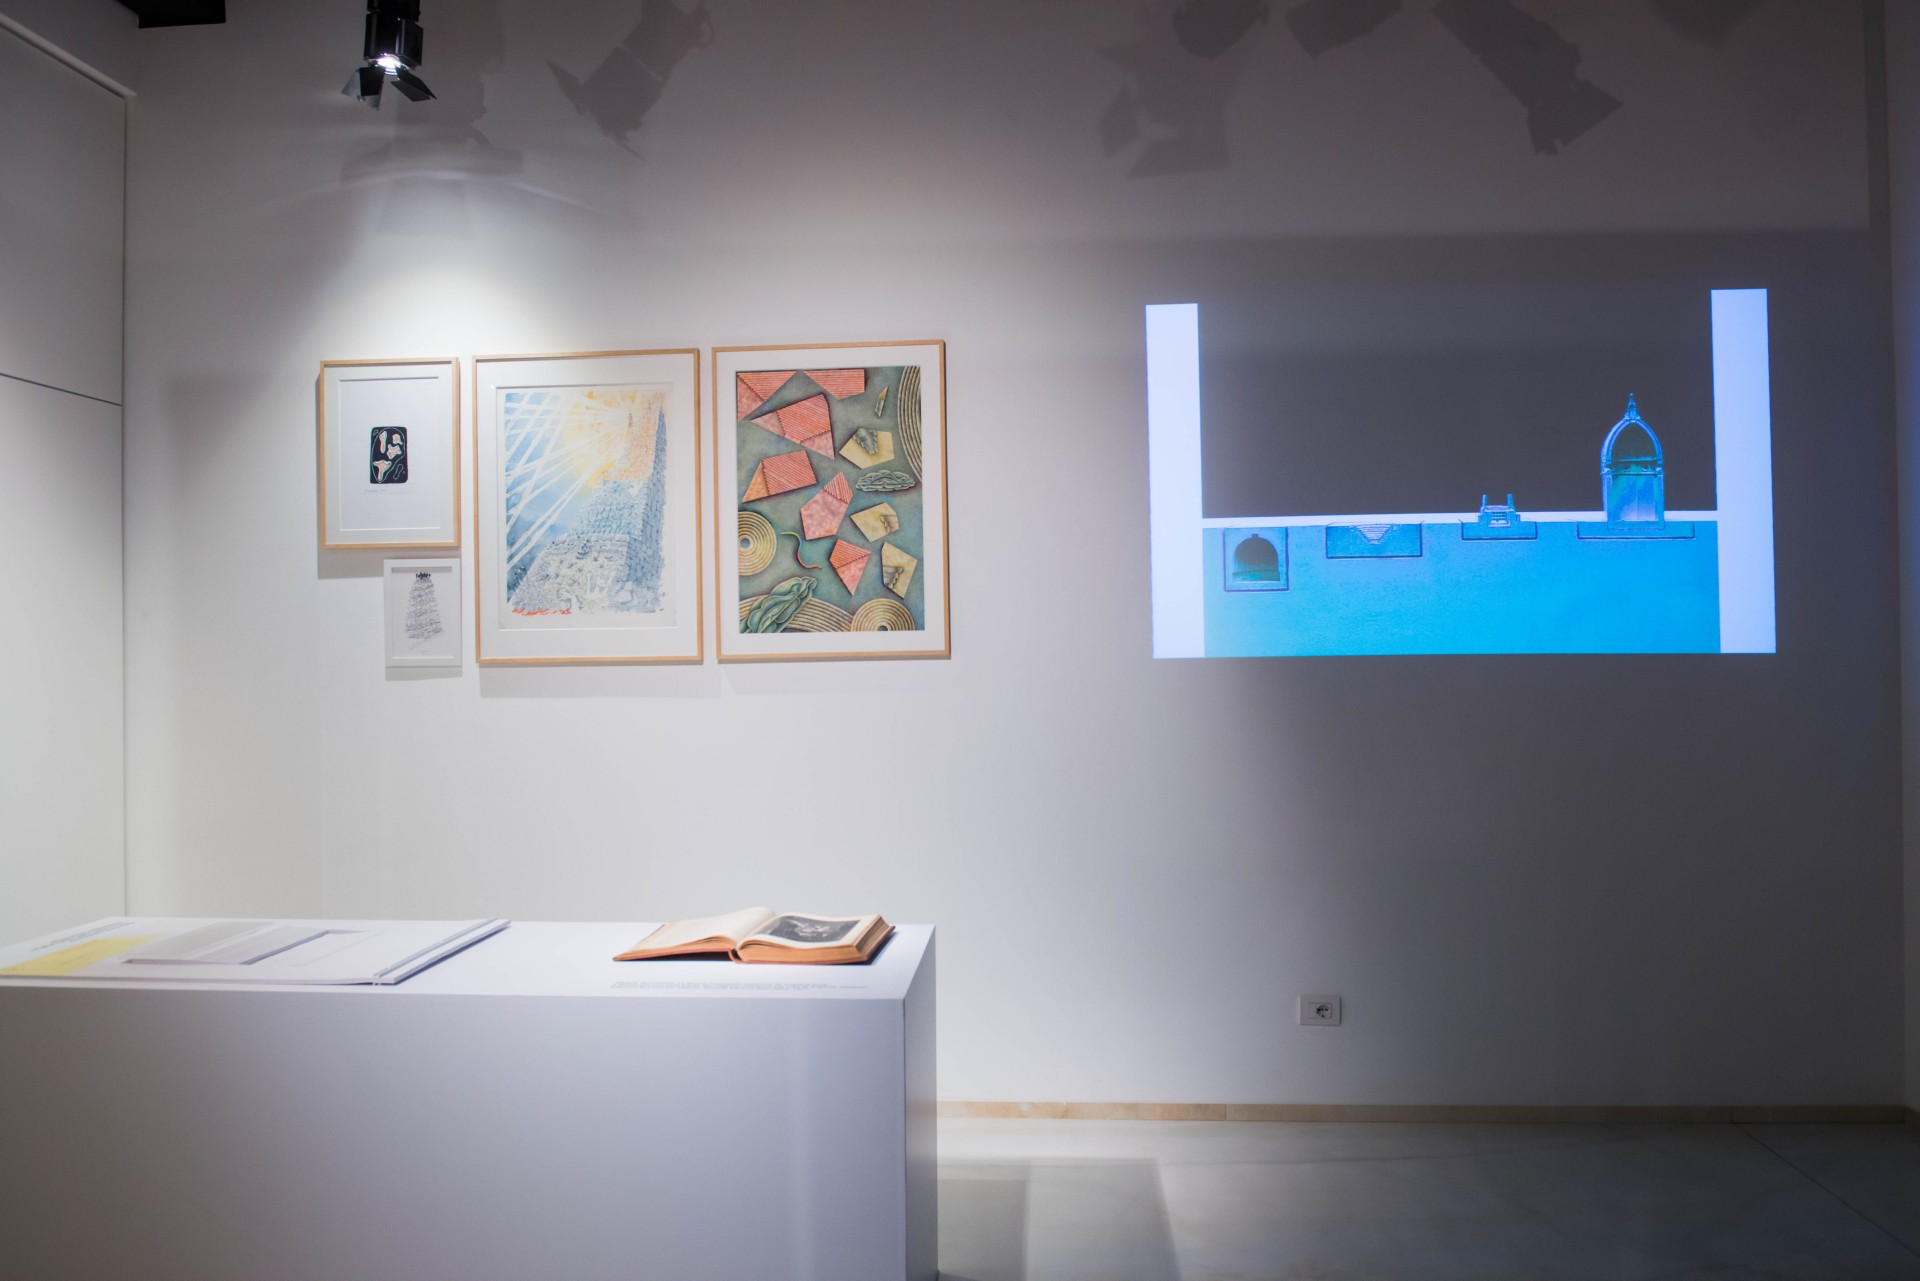 Architettura e Divina Commedia - Inaugurata la mostra a SpazioFMG